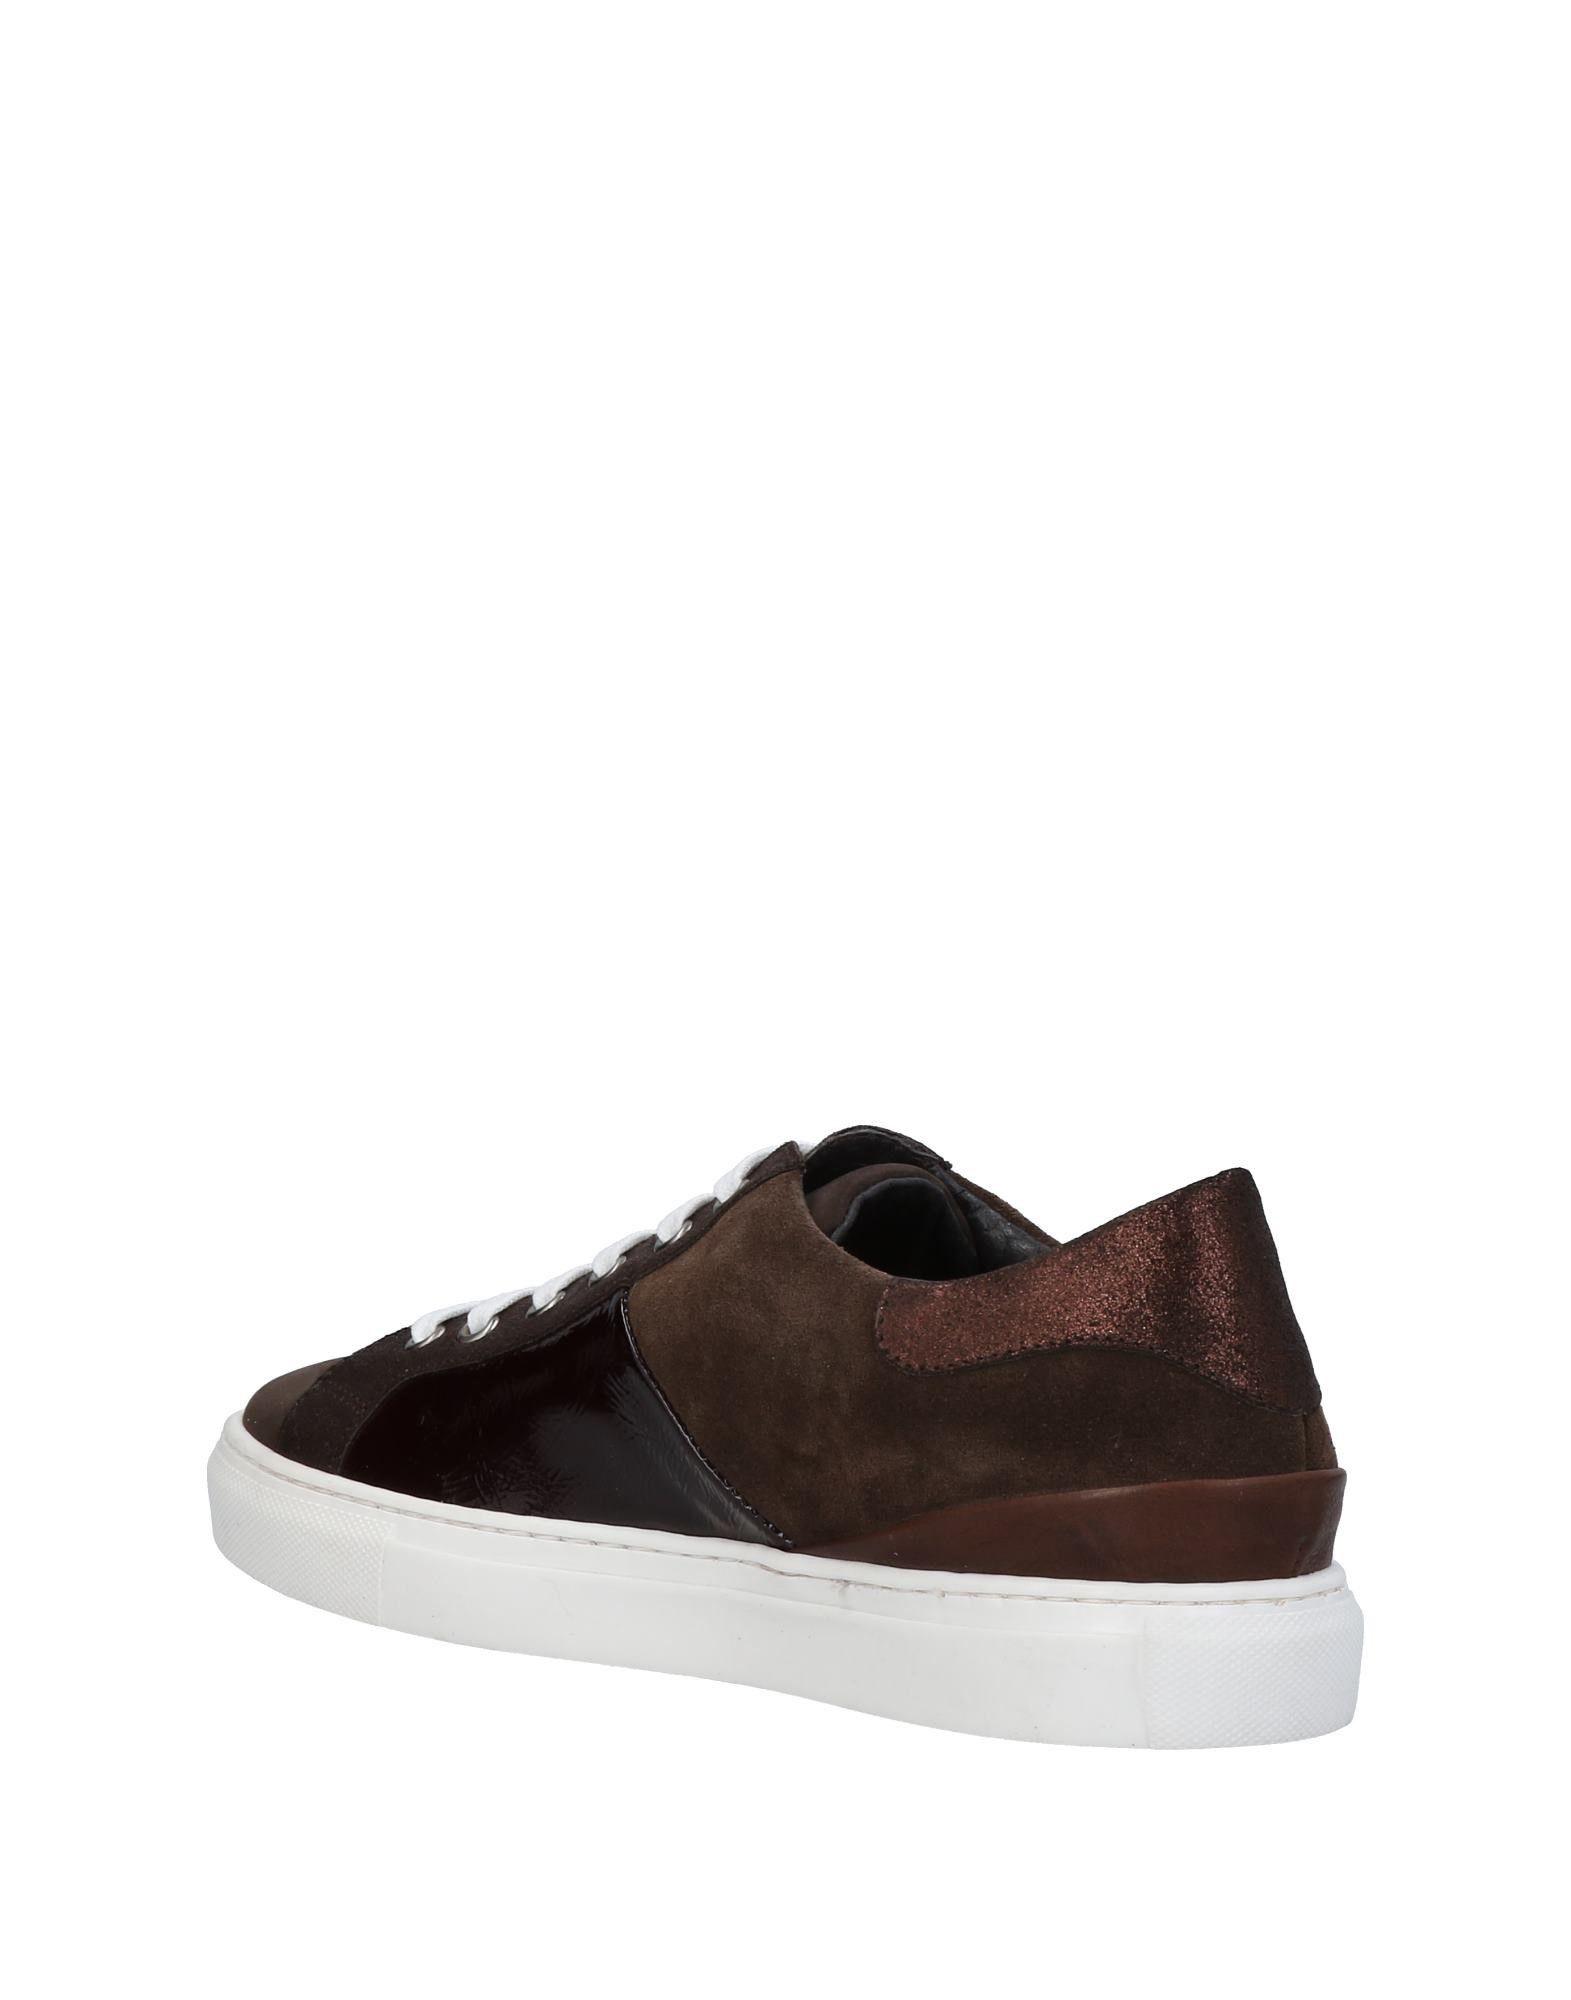 Tsd12 Sneakers Sneakers Tsd12 Damen  11454003AO Gute Qualität beliebte Schuhe ccfbd5